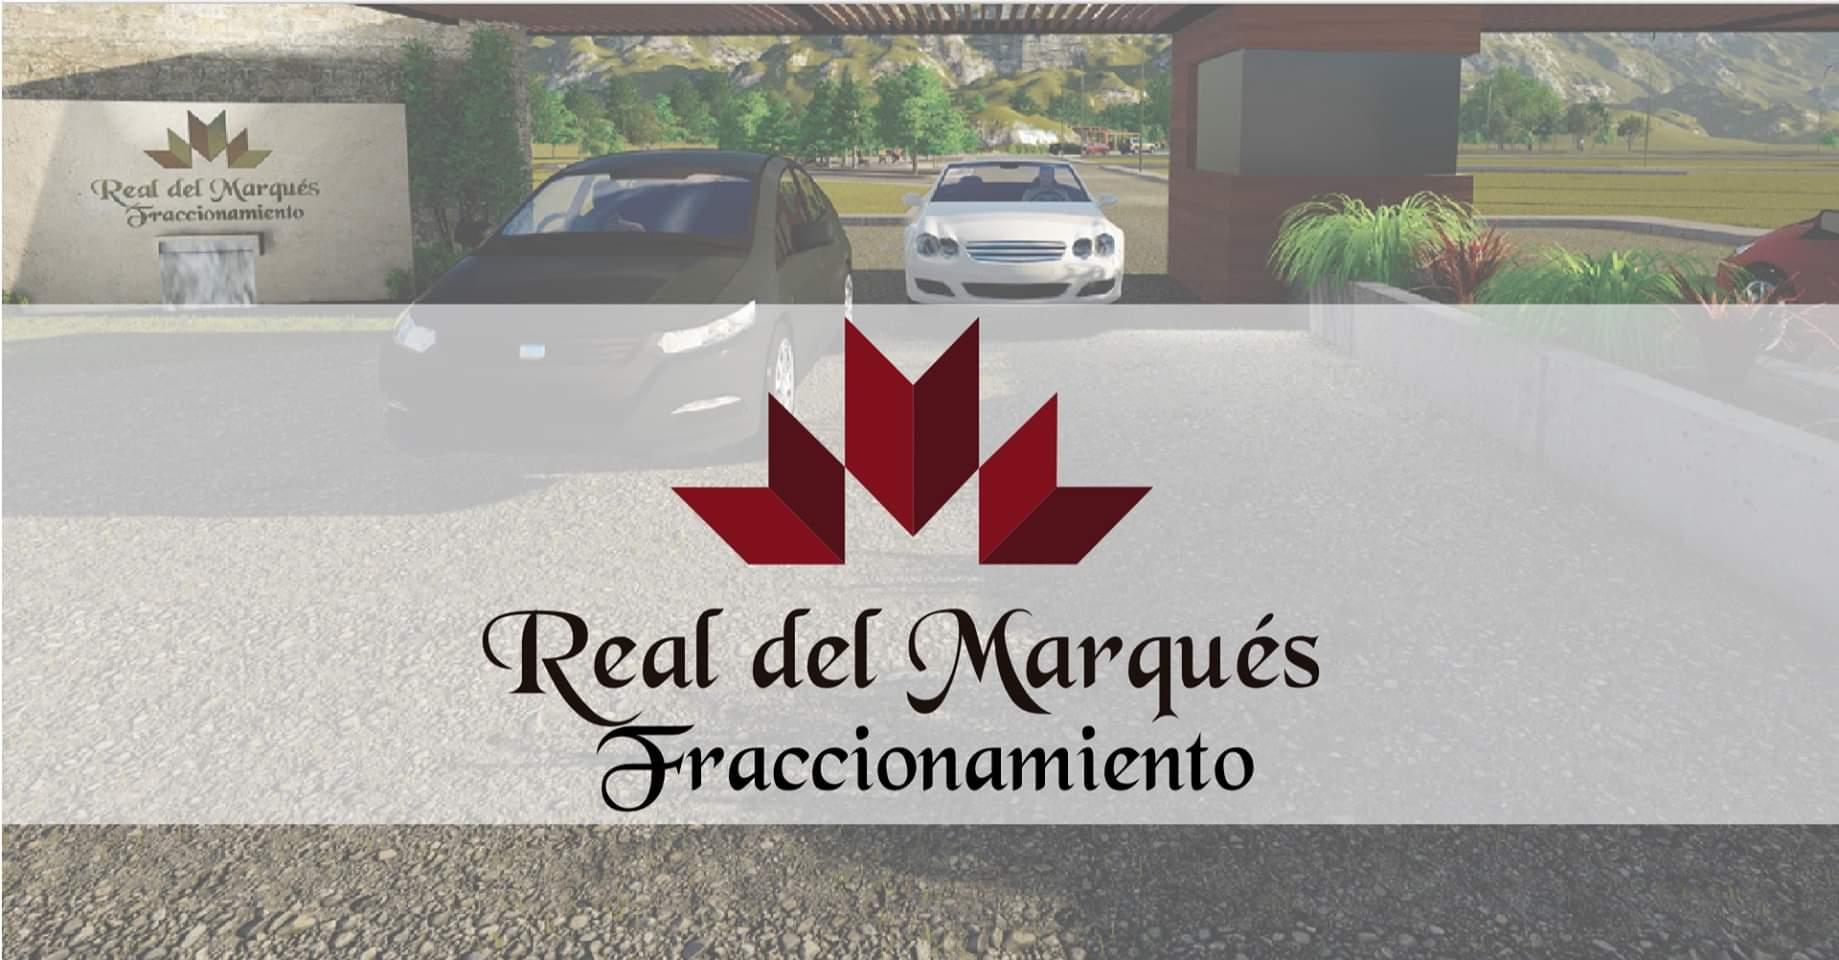 VENTA TERRENOS XICO VERACRUZ FRACC REAL DEL MARQUÉS 150 lotes